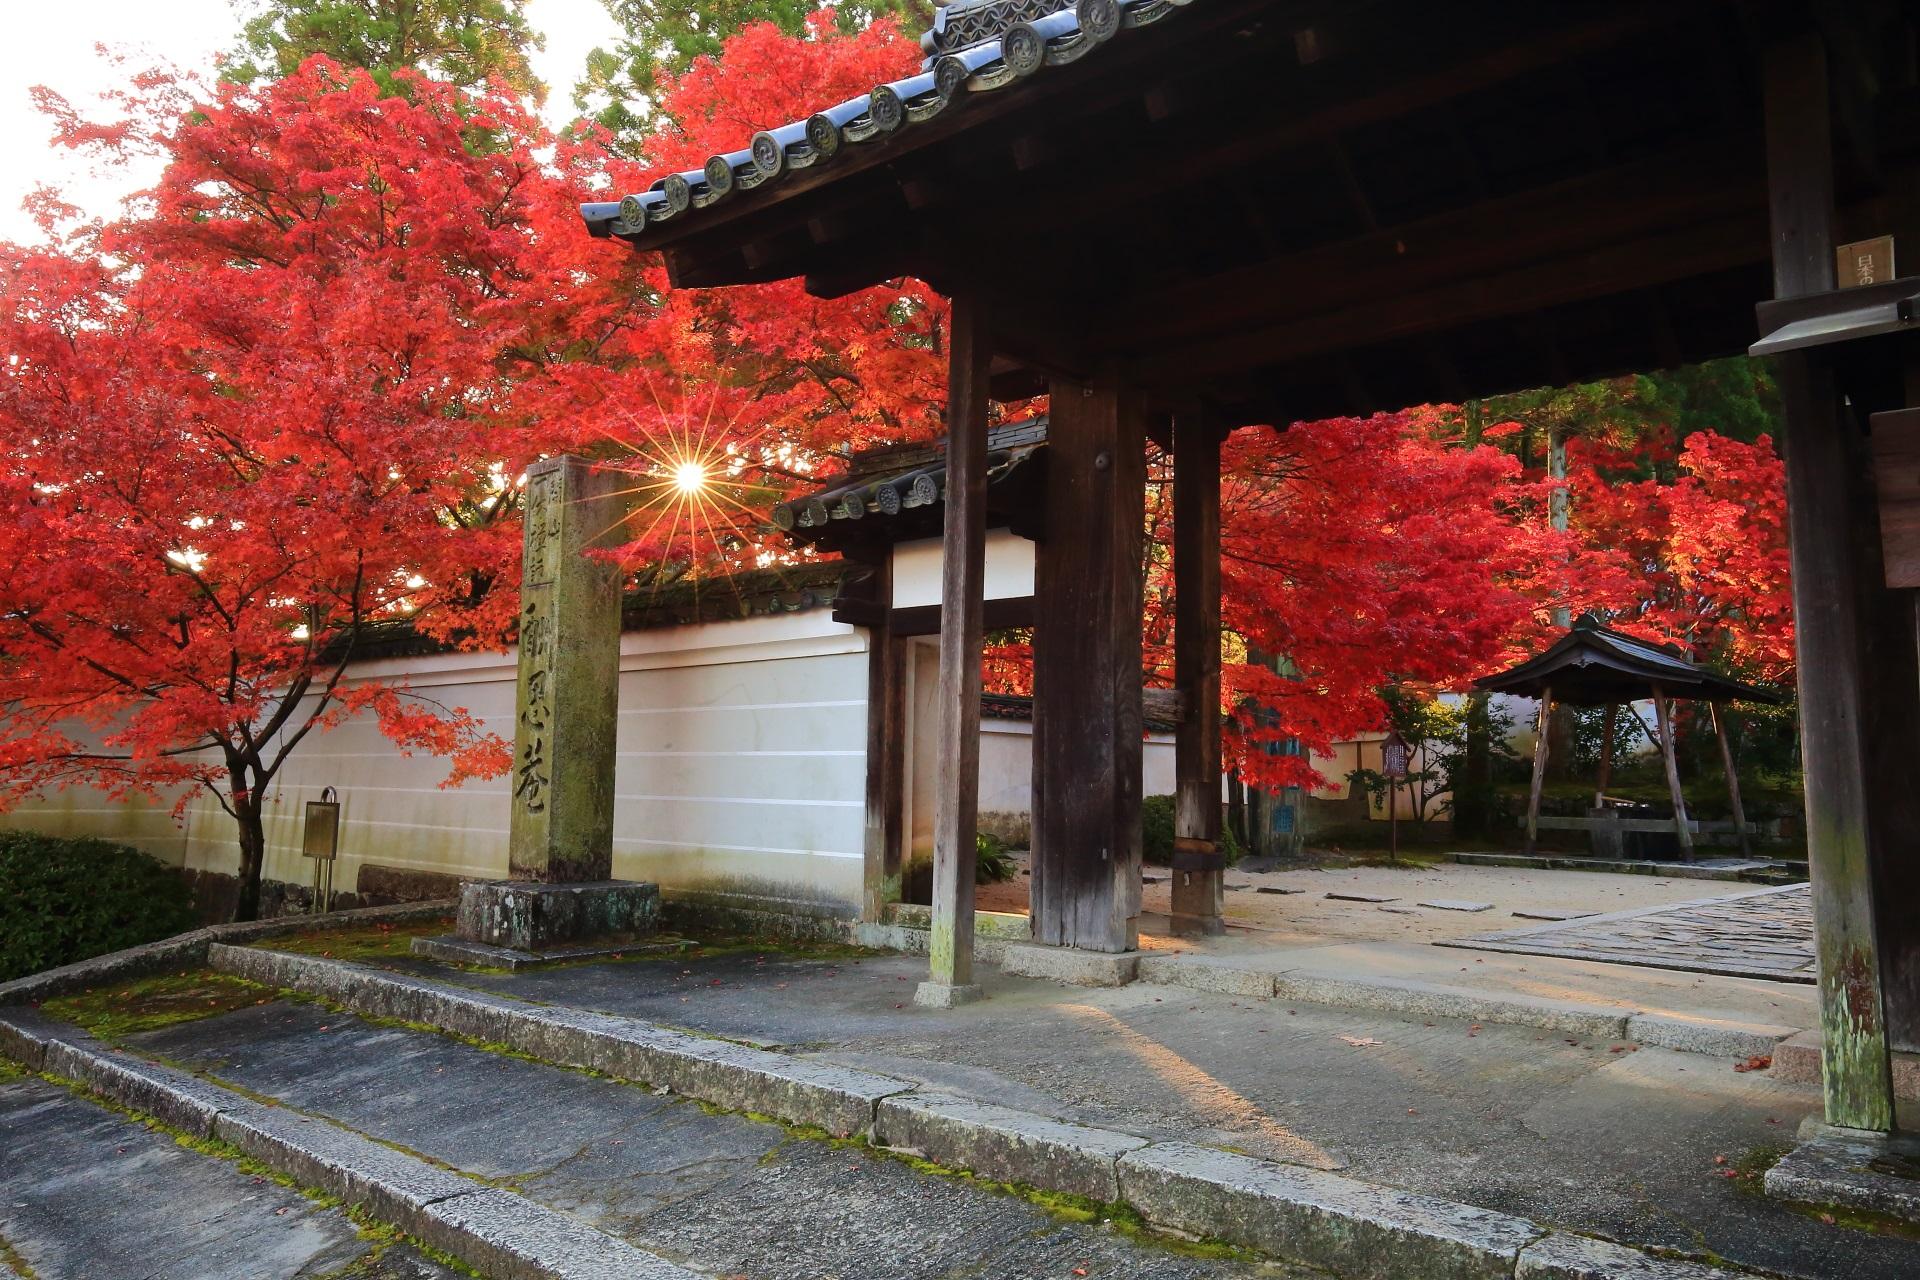 朝日が差す総門の真っ赤な紅葉